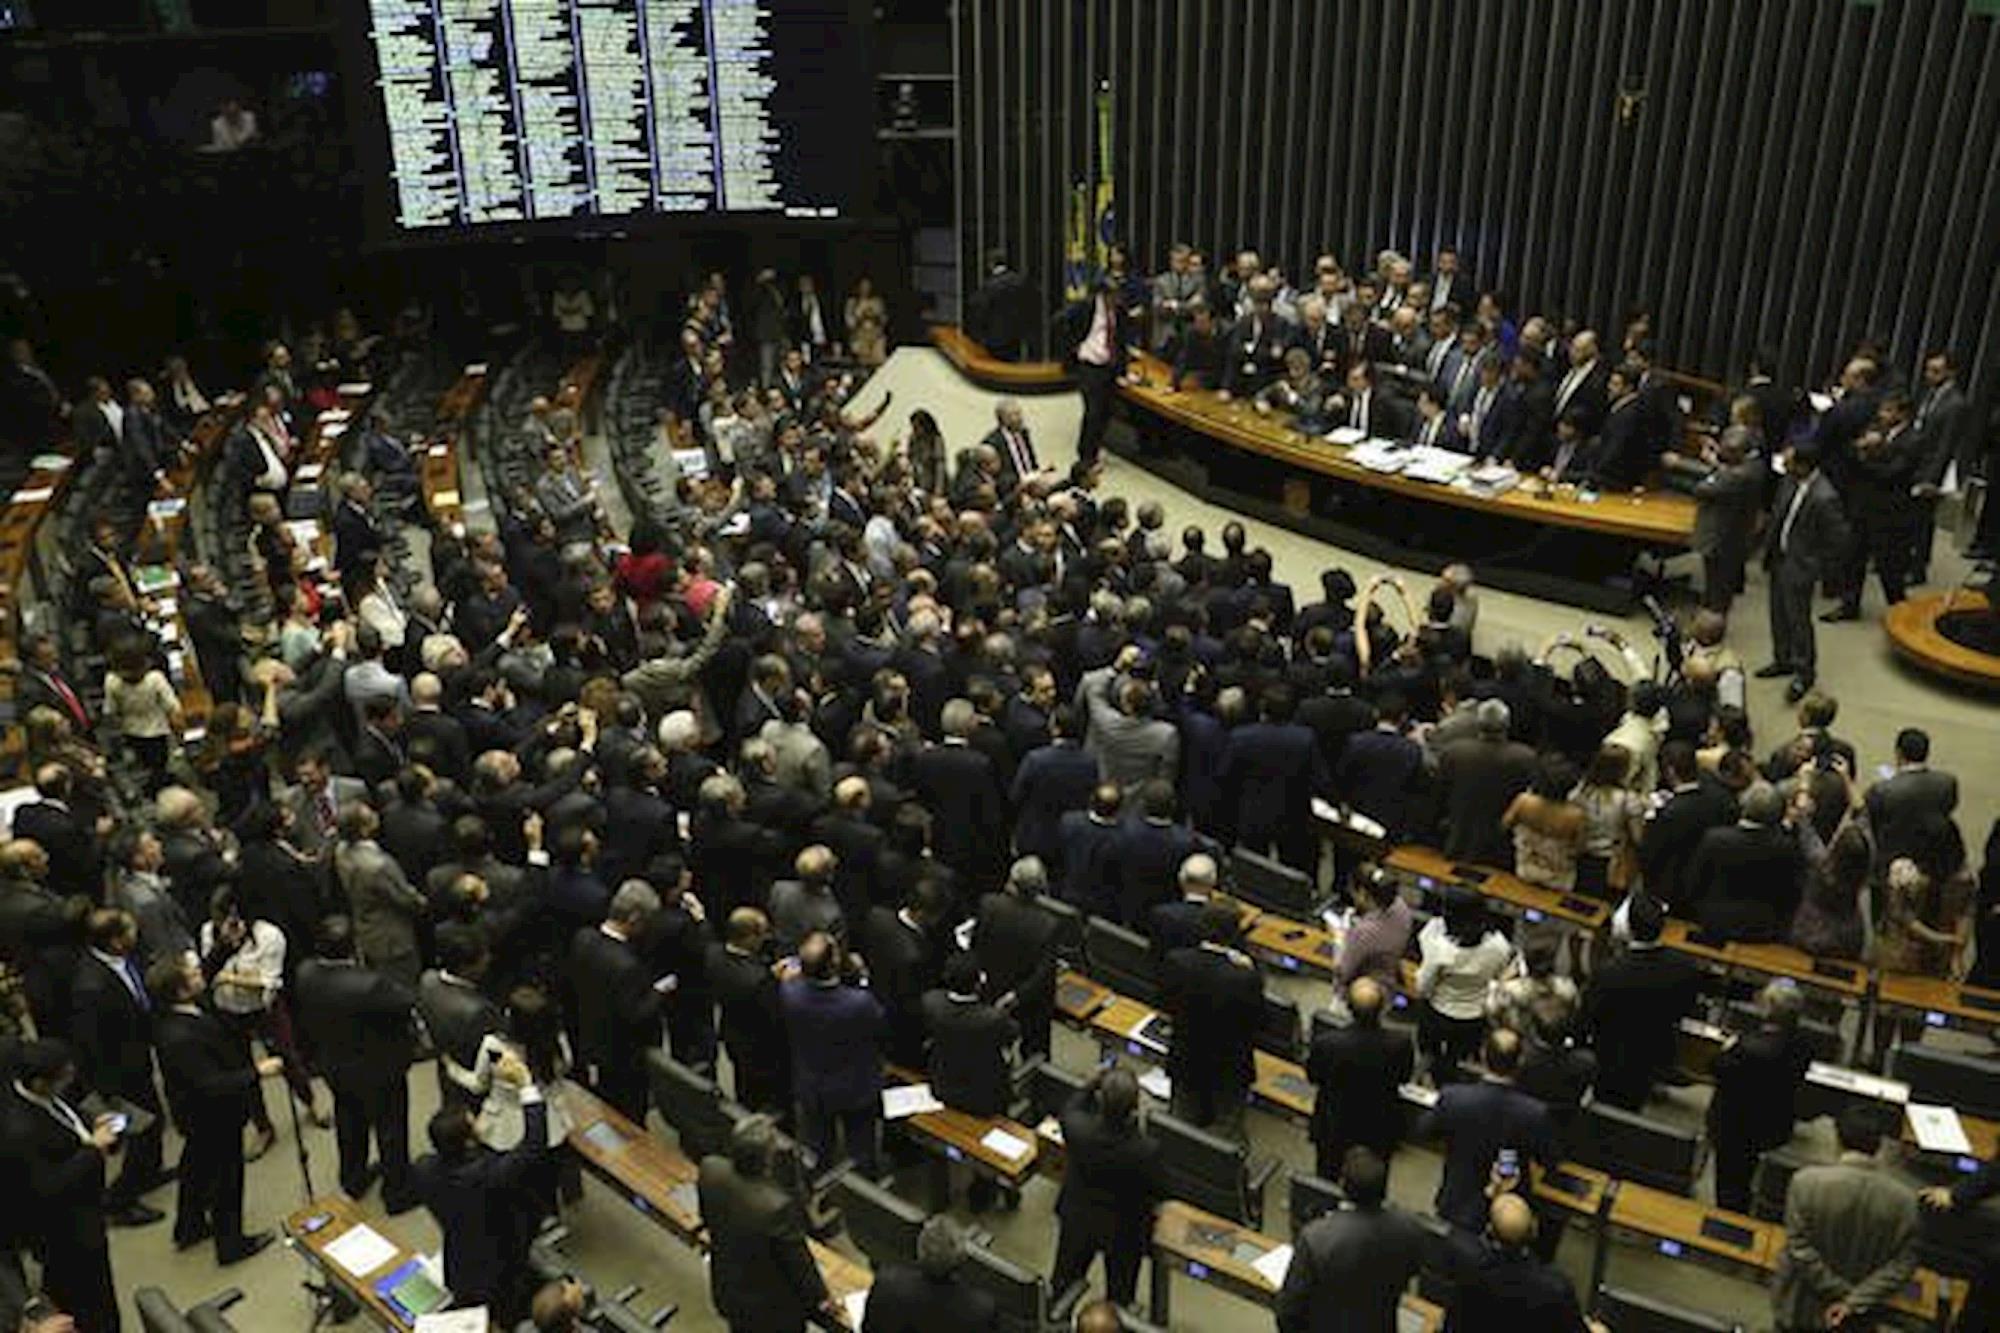 deputados, medidas provisórias, MP, câmara, invalidez, aposentadoria, democracia, Fabio Rodrigues Pozzebom/Agência Brasil